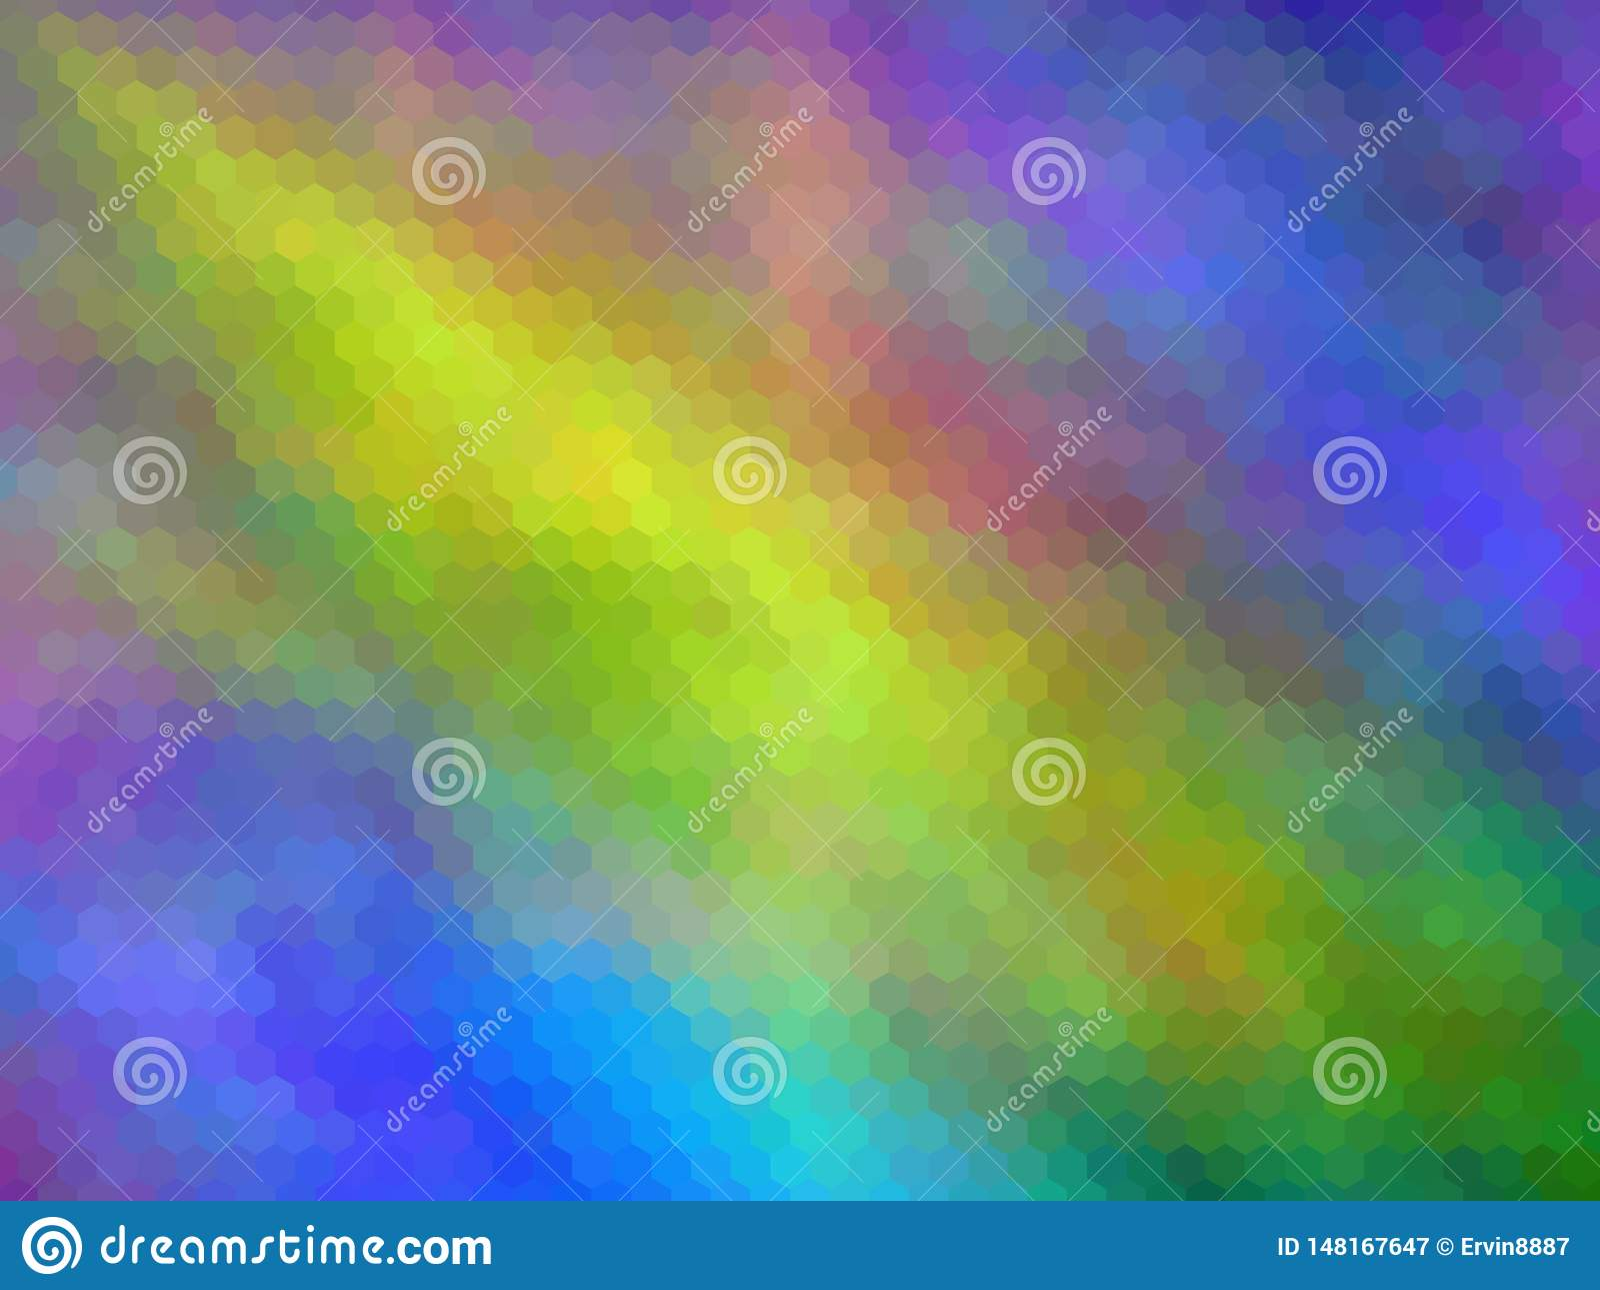 Fondo abstracto enmascarado Fondo abstracto hexagonal pixeled multicolor